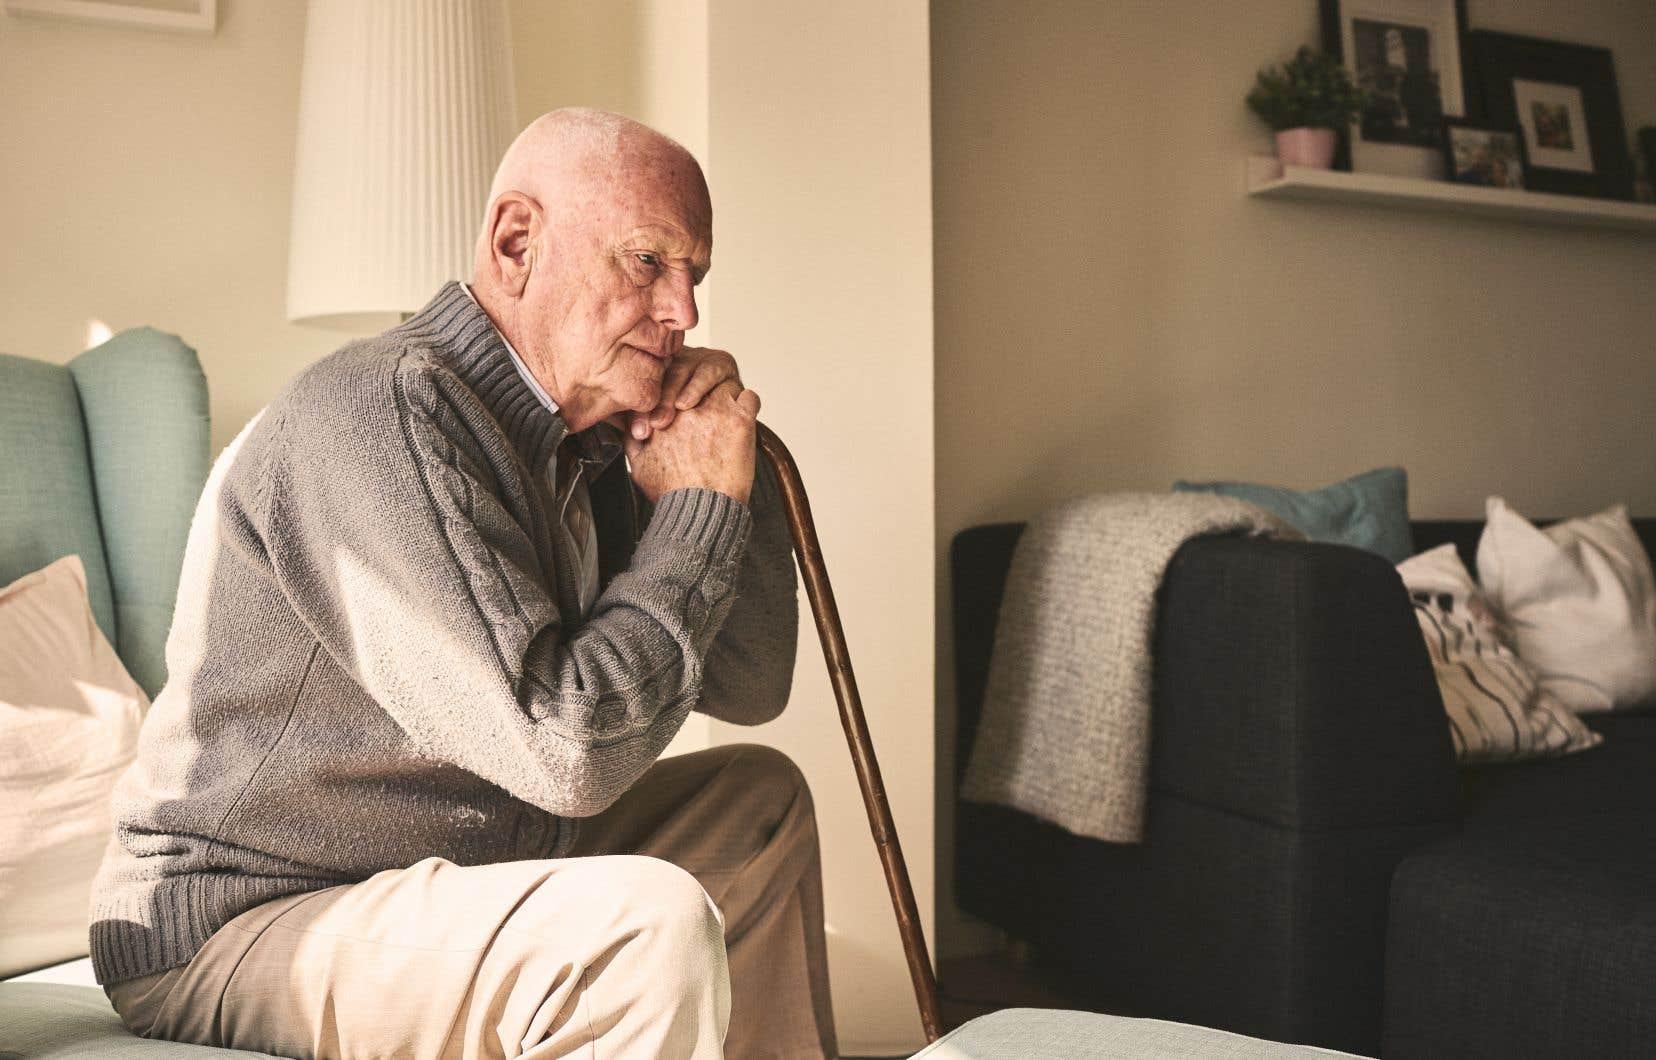 Près de 9 aînés sur 10 vivent en ménage privé, ce qui pourrait expliquer l'isolement. Mais les 10% qui demeurent en ménages collectifs, comme les centres d'hébergement, n'échappent pas au phénomène.